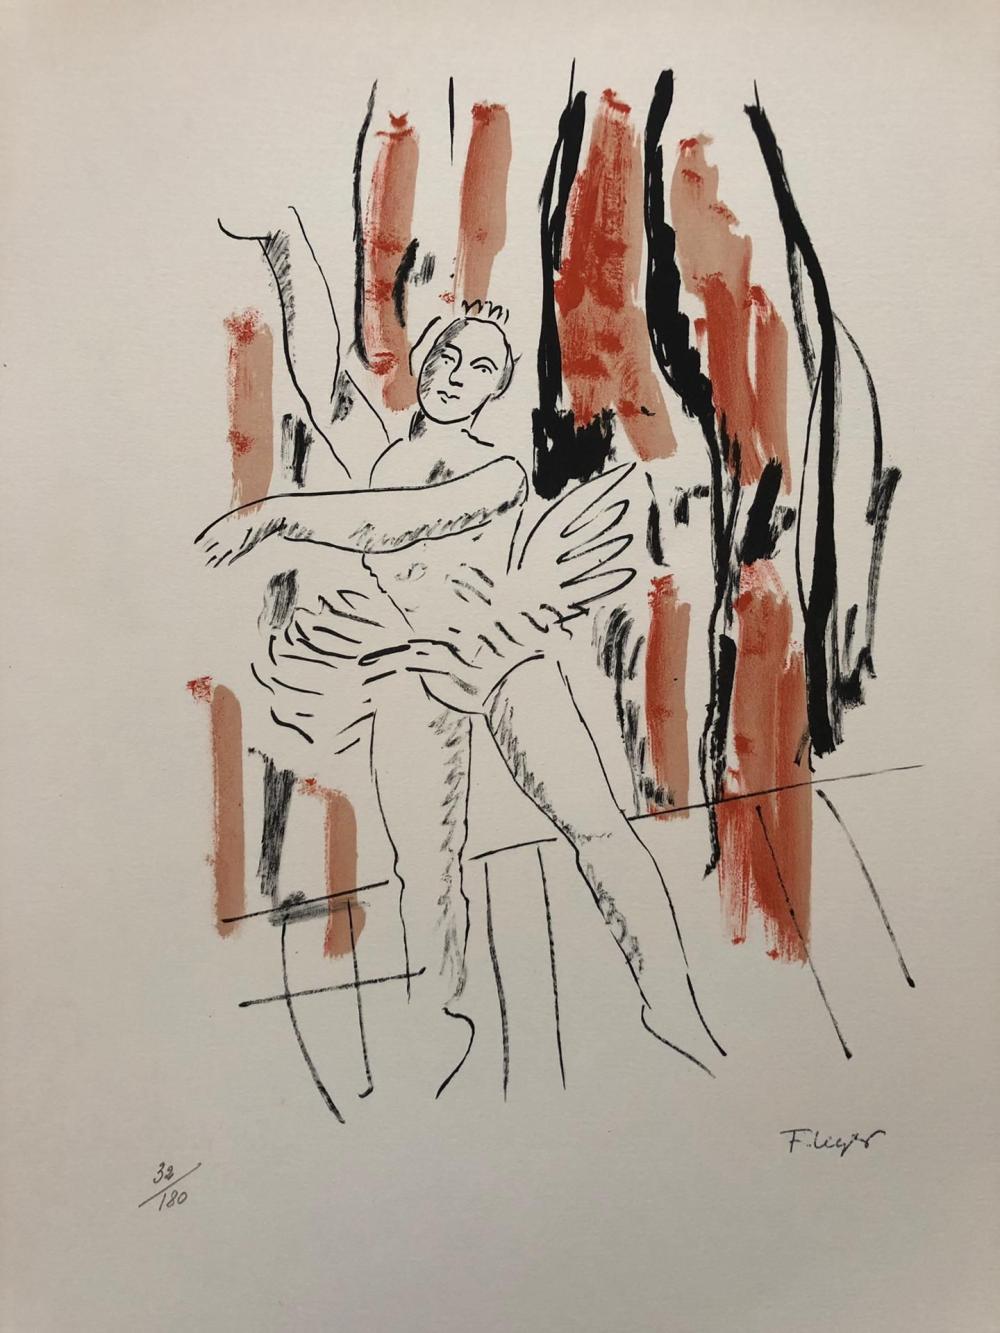 Fernand Léger - La danseuse, 1959